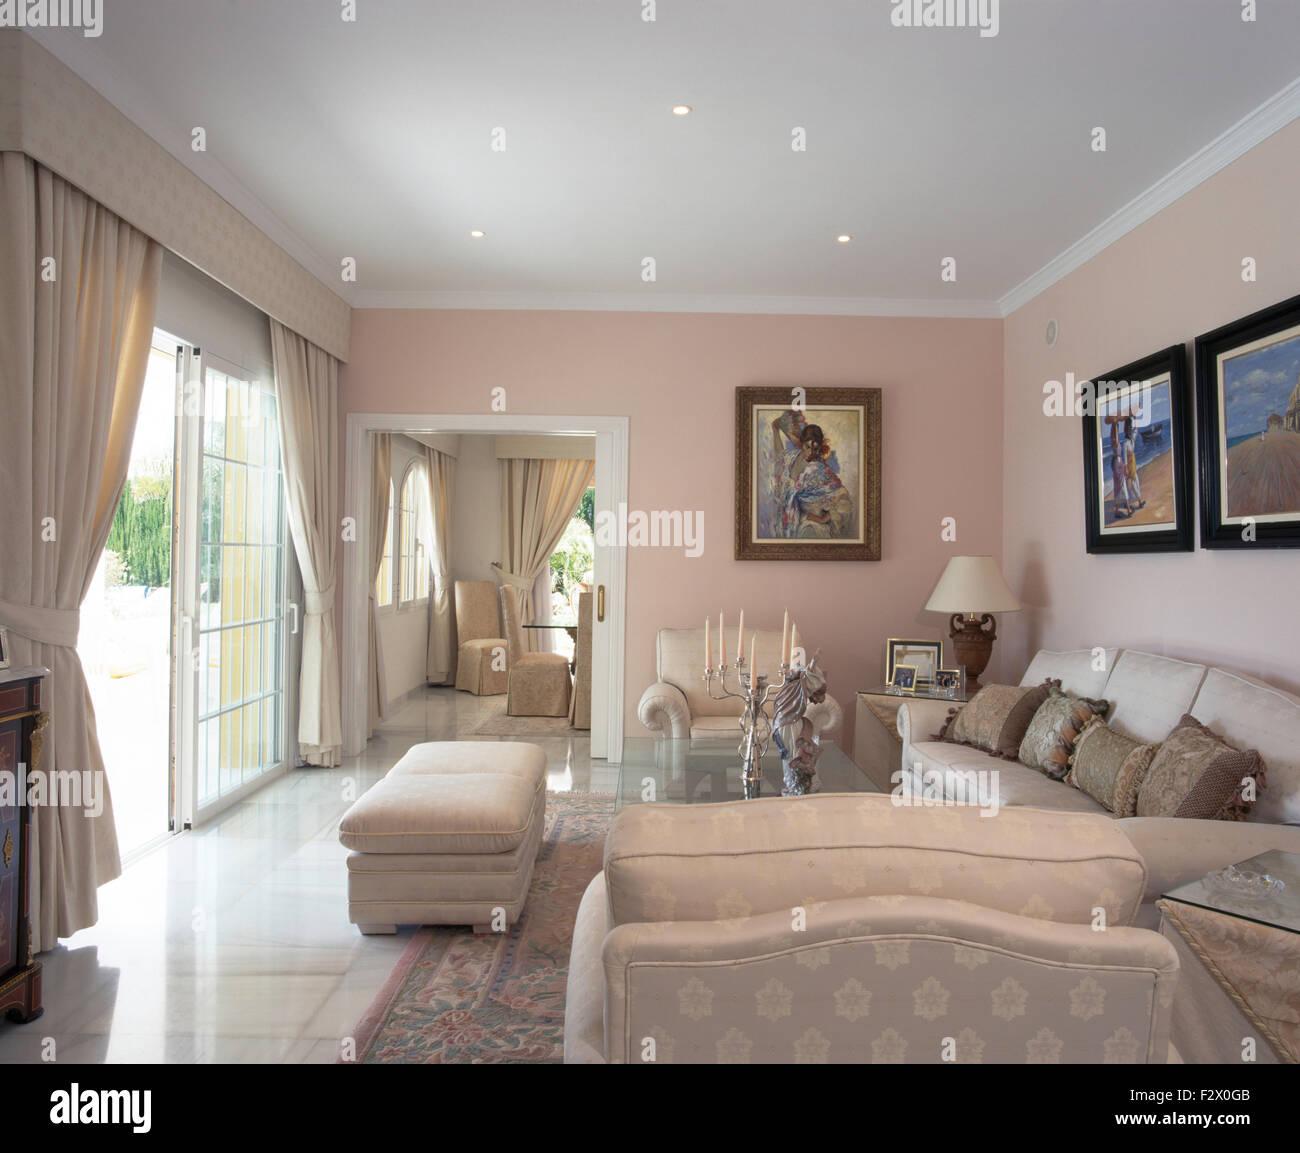 Stunning Soggiorno In Spagnolo Images - Design Trends 2017 ...